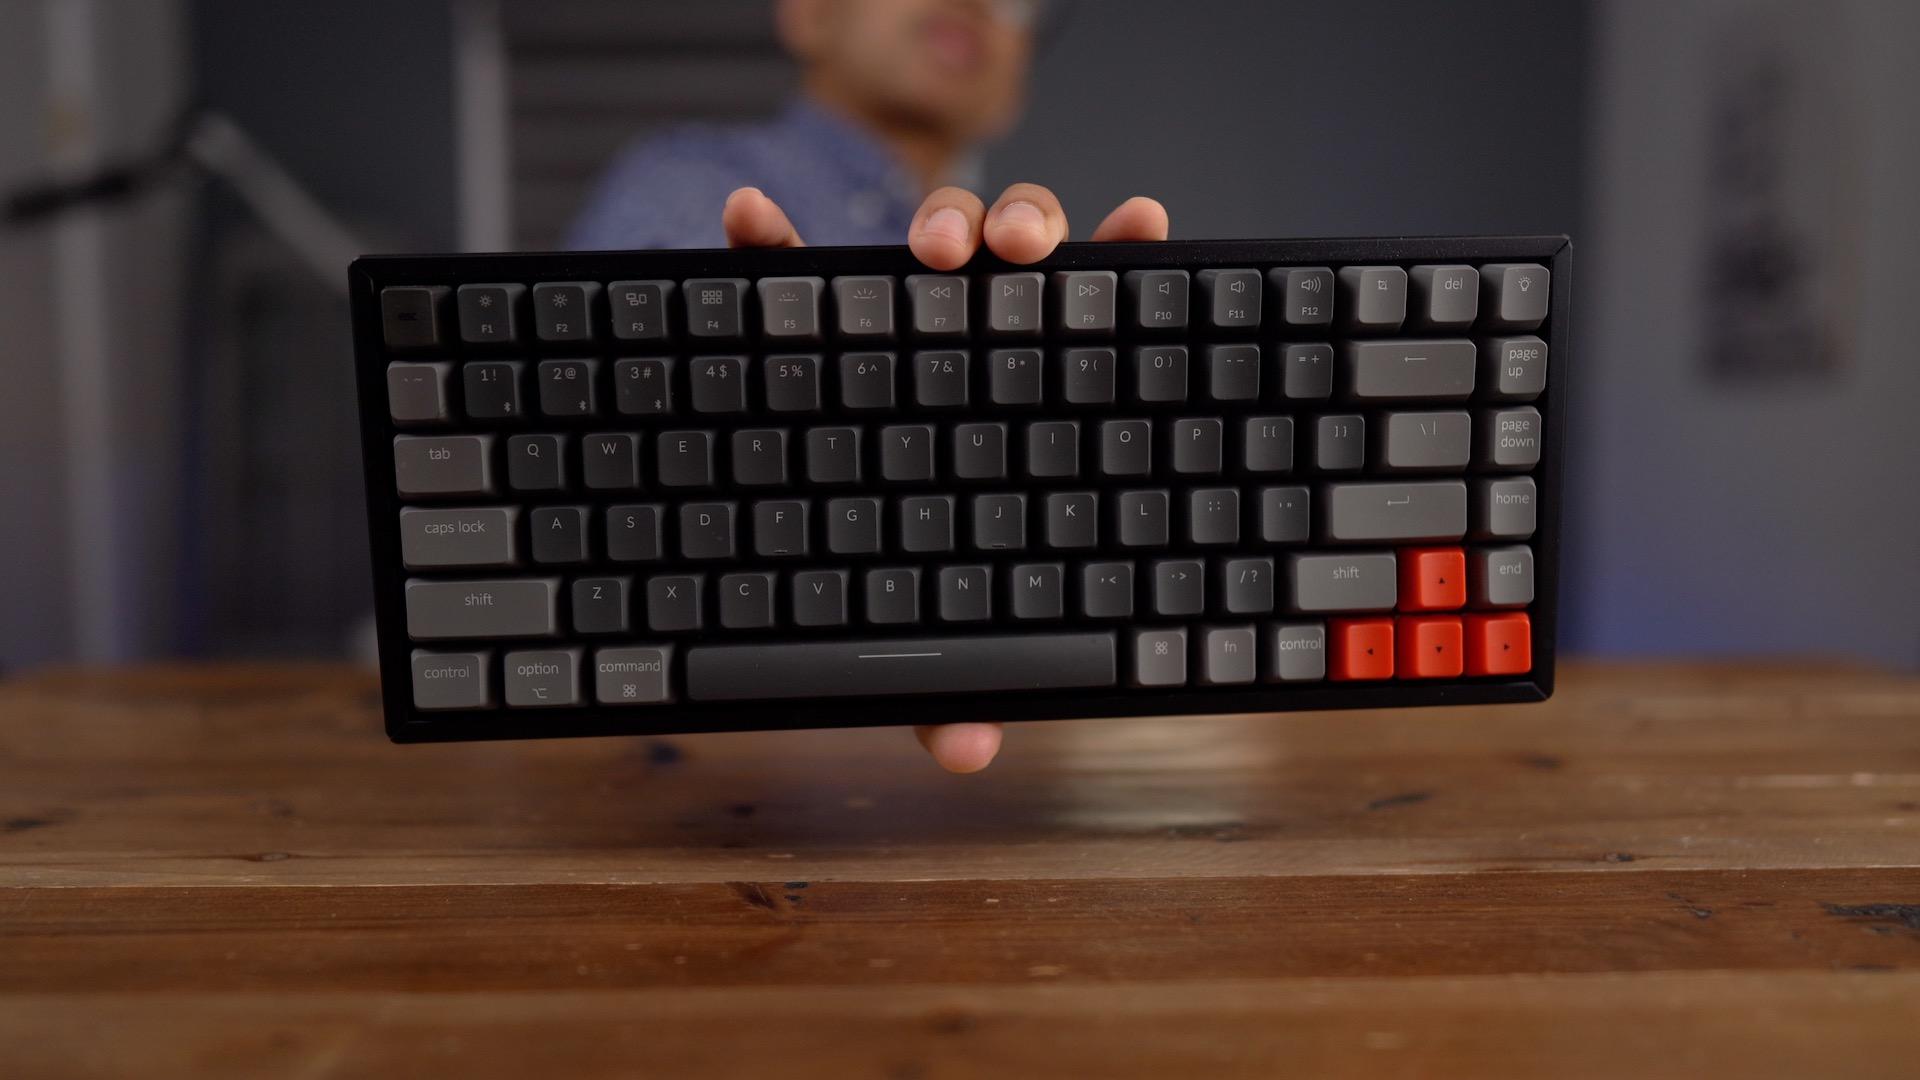 Keychron K2 in hand